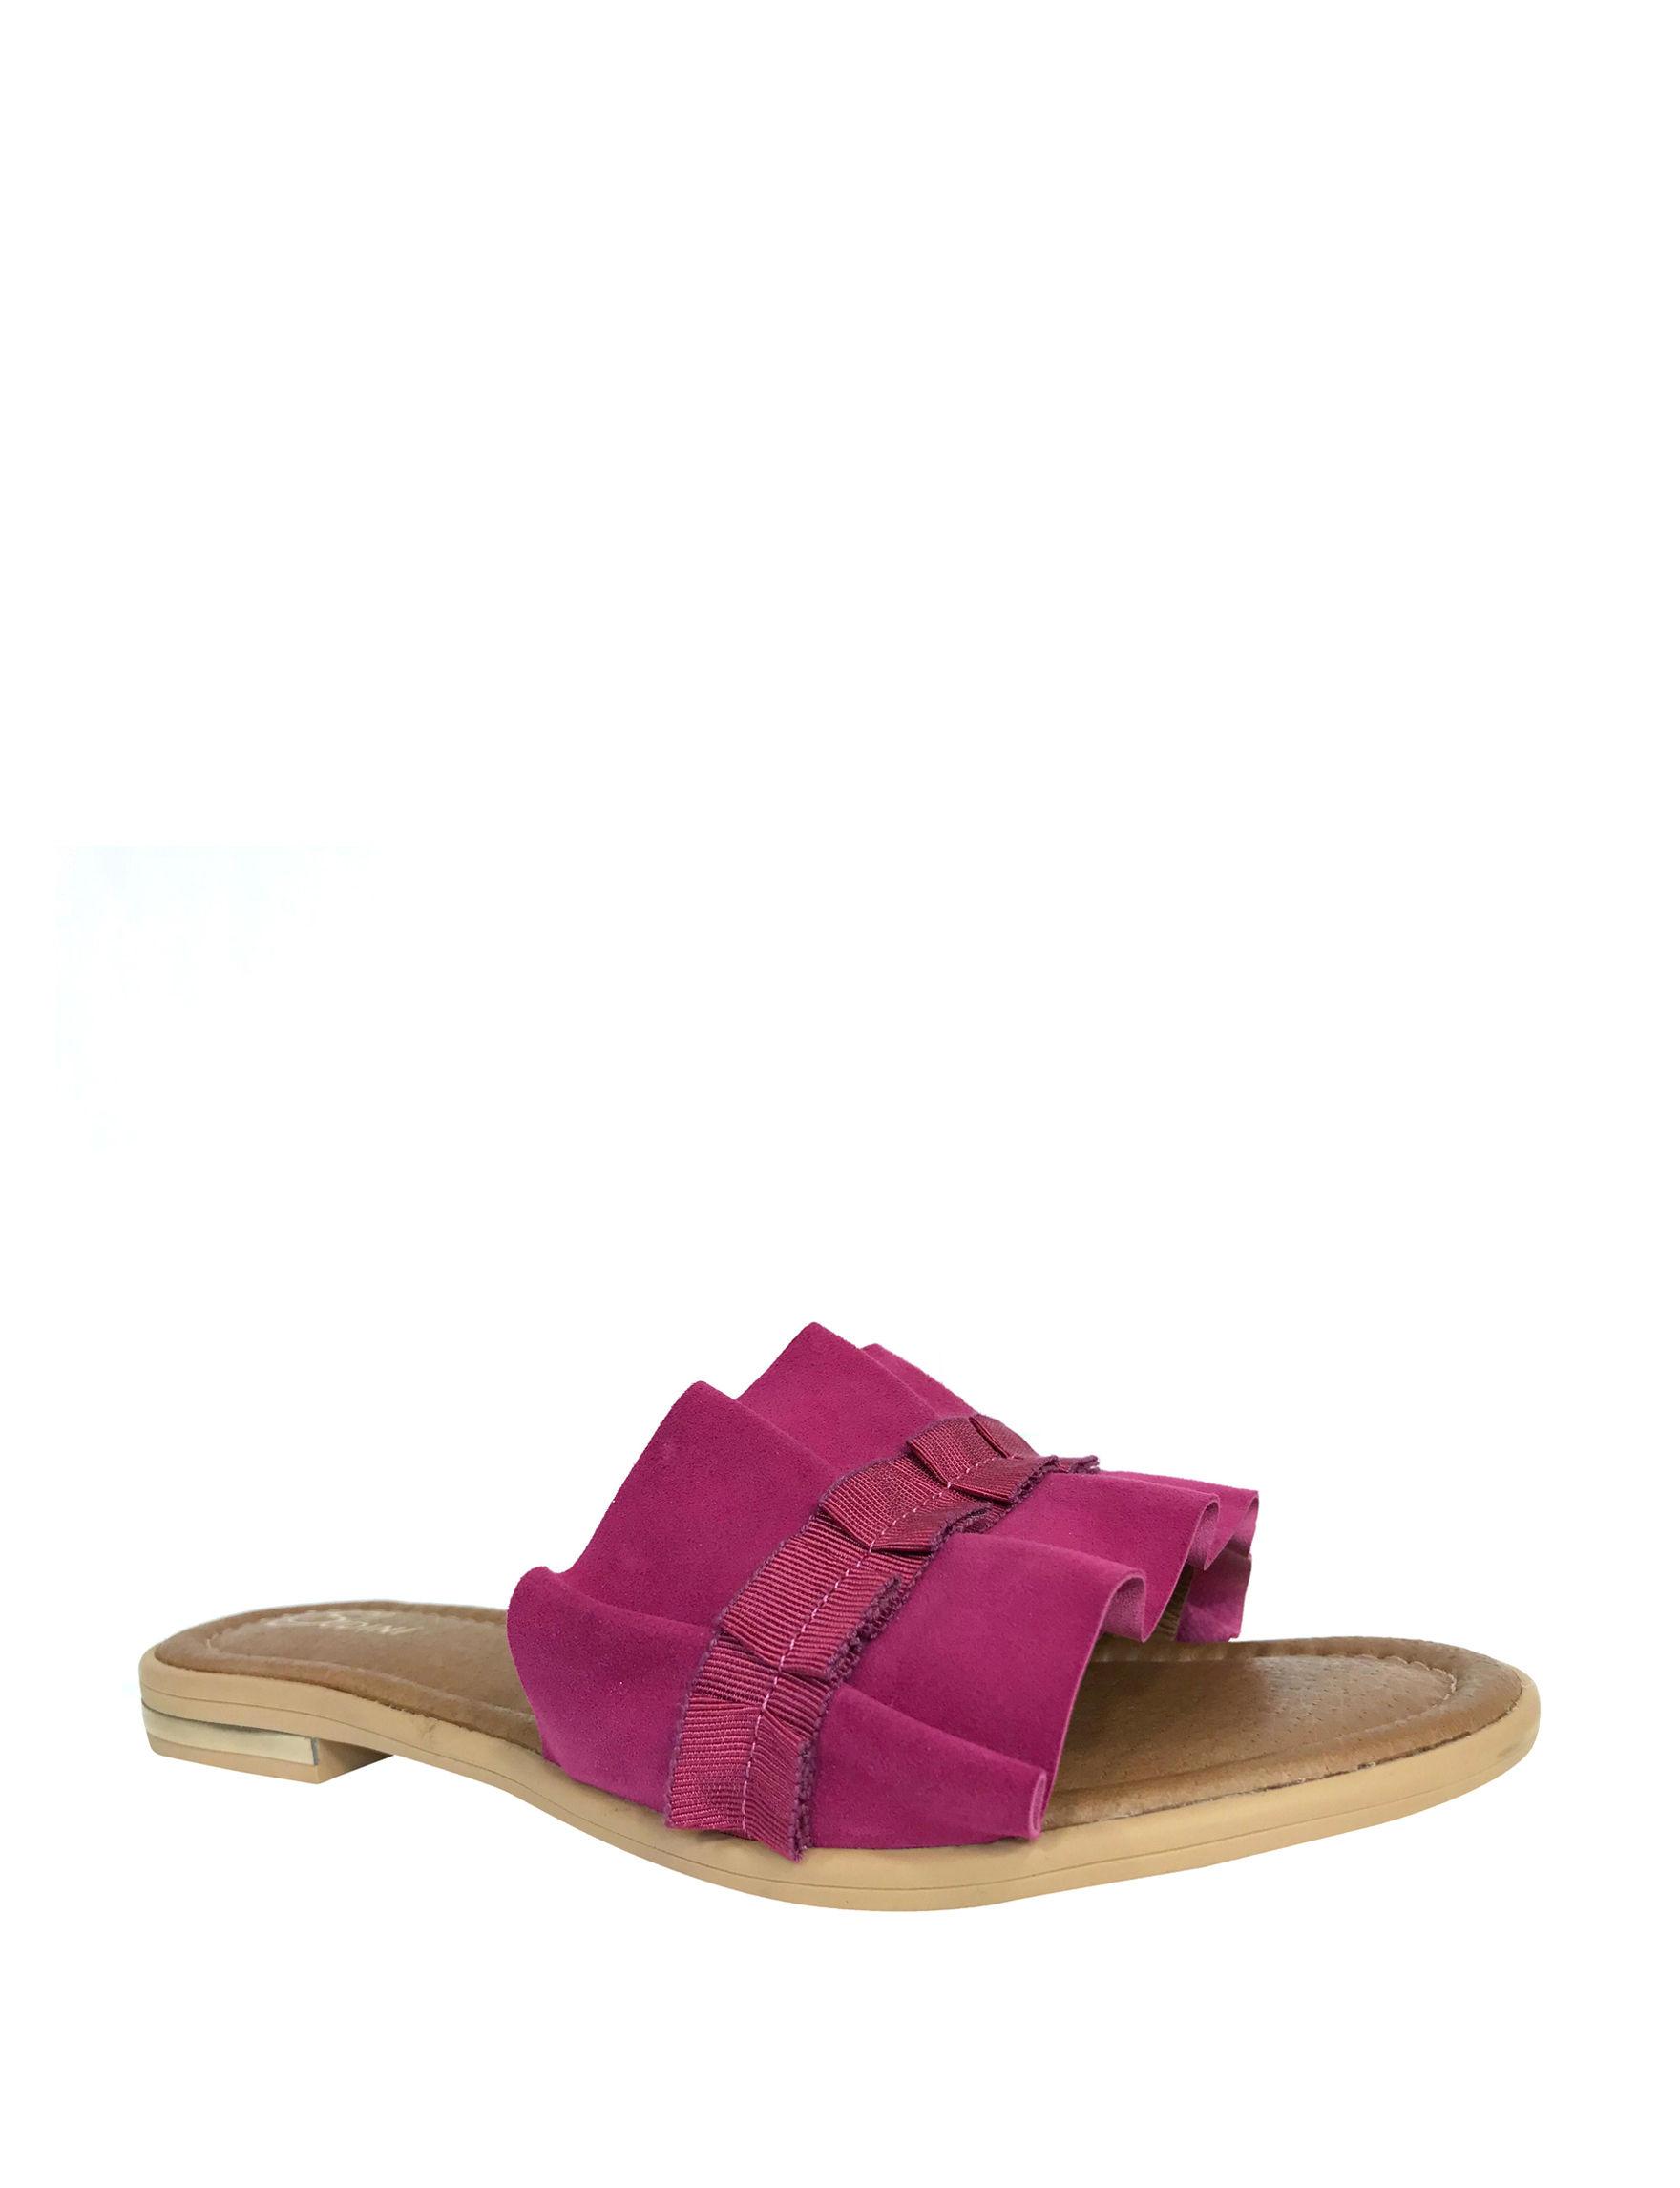 Sudini Pink